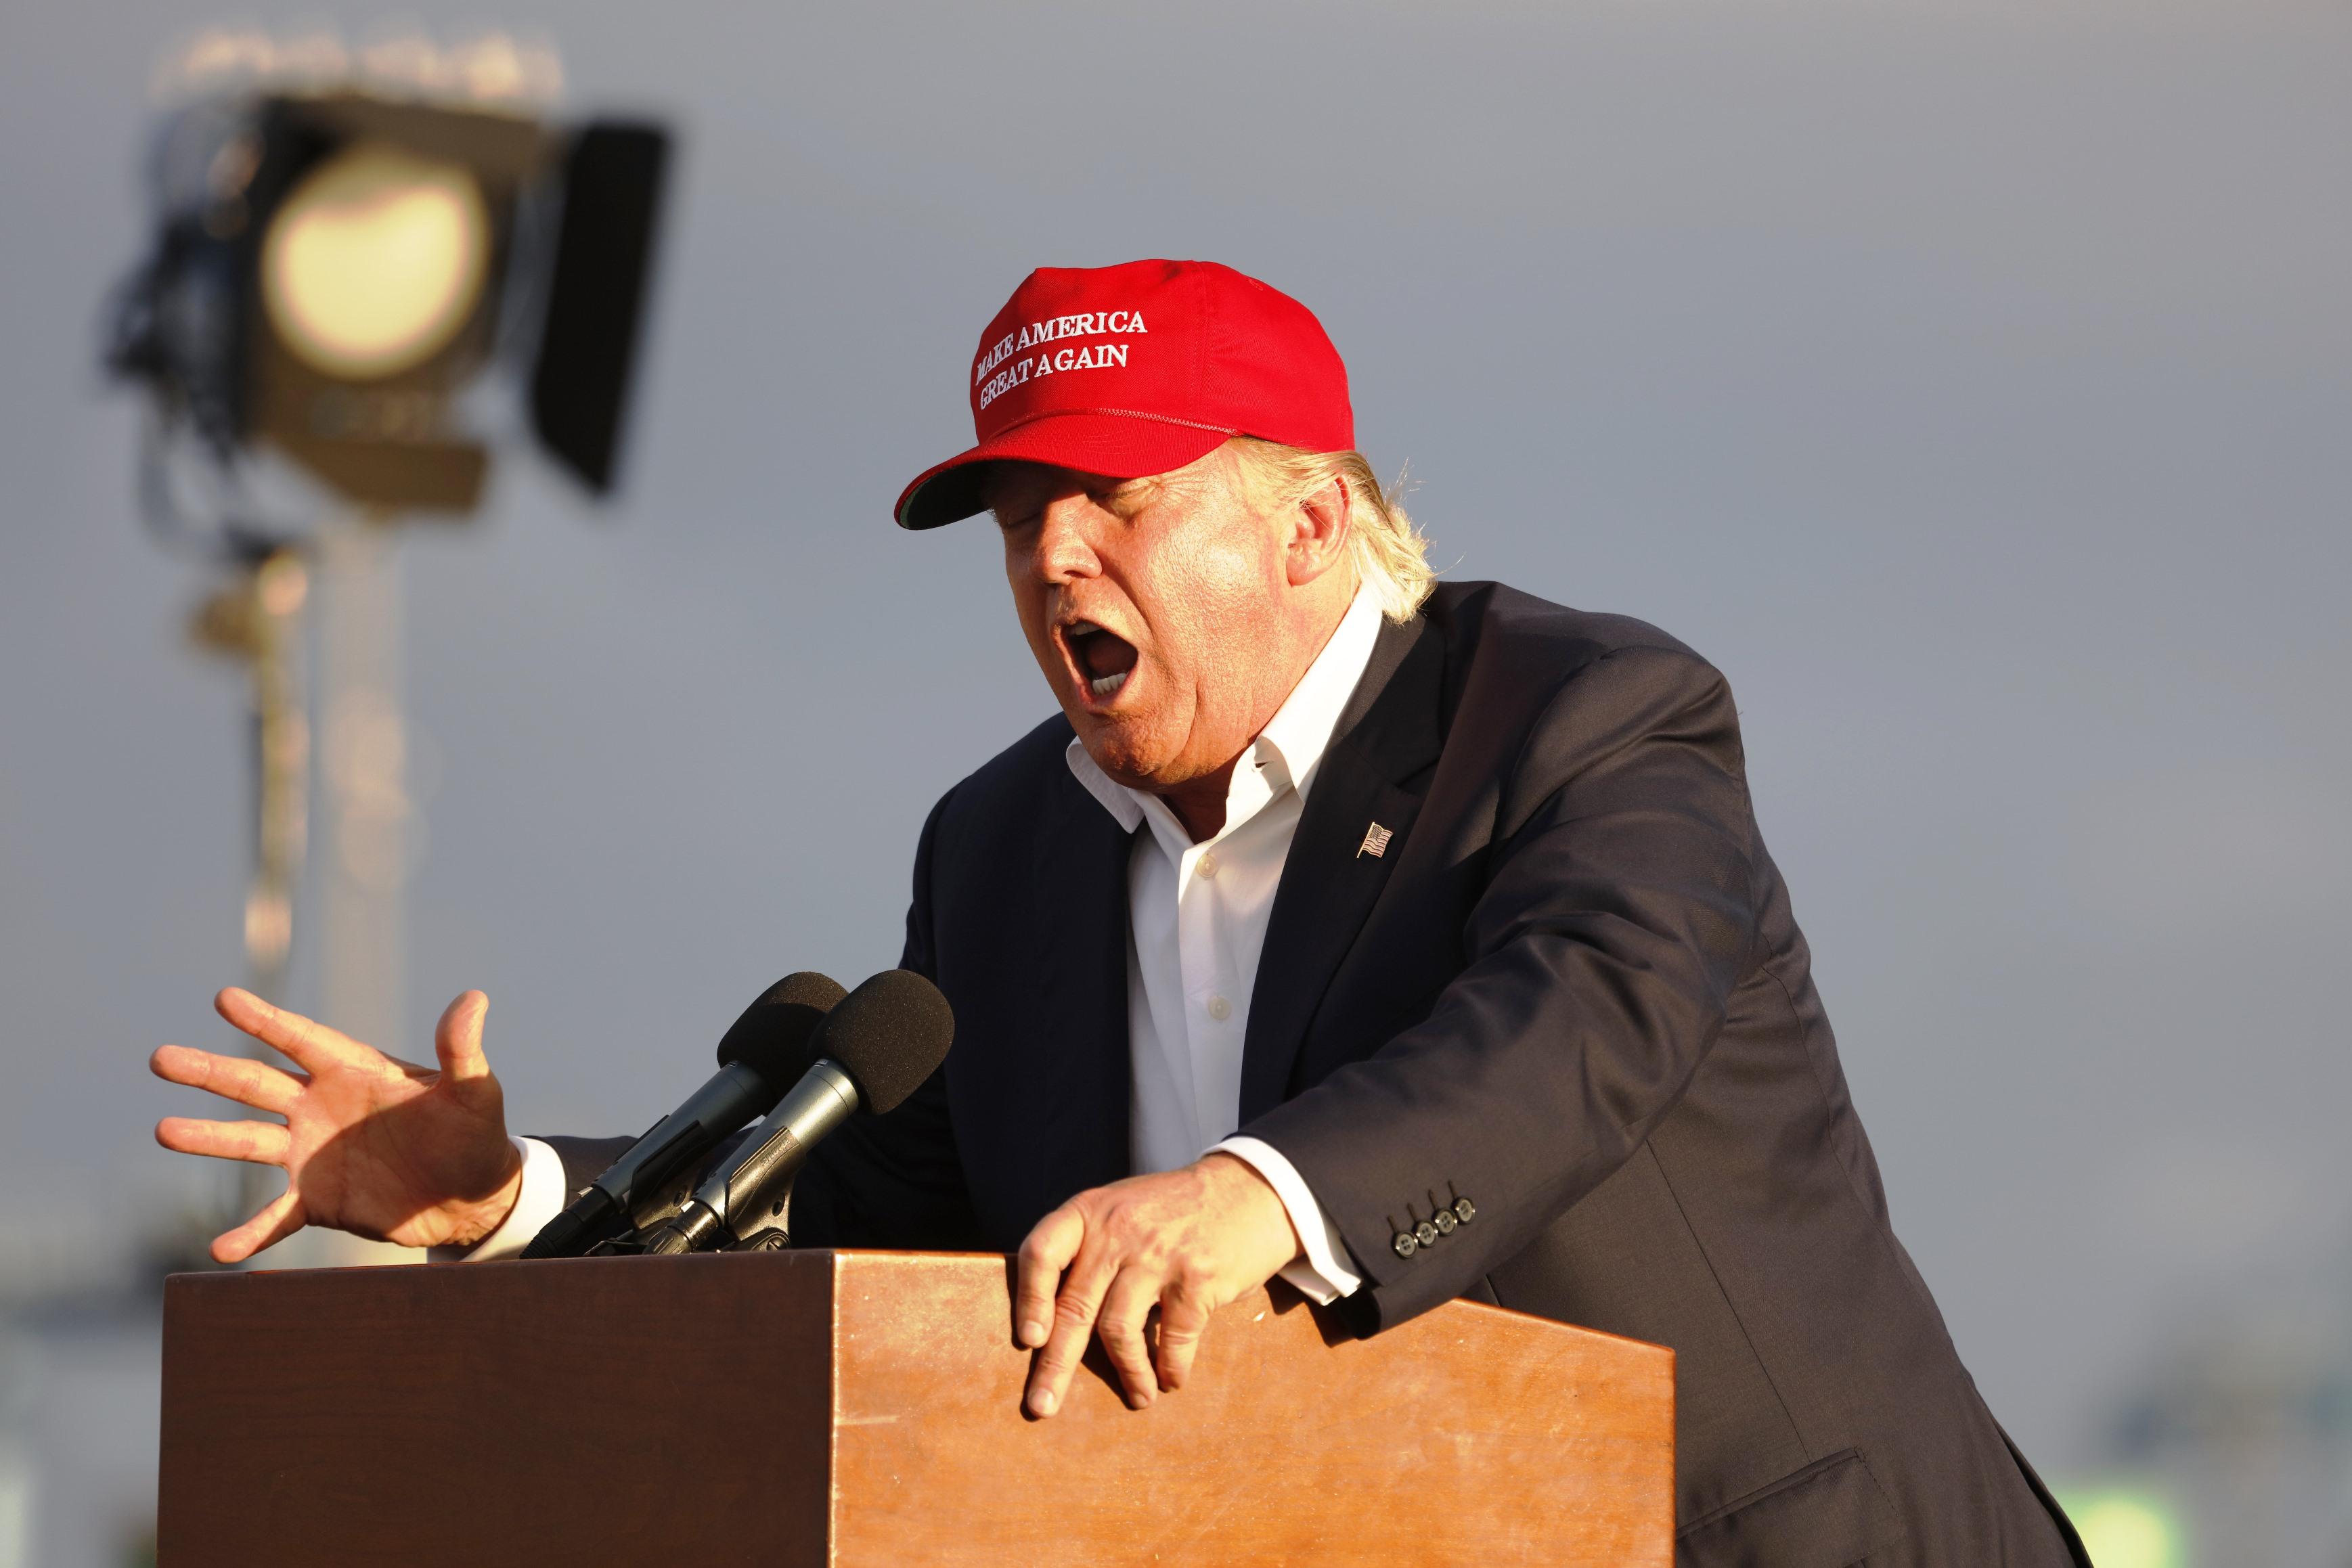 Donald Trump making a speech.